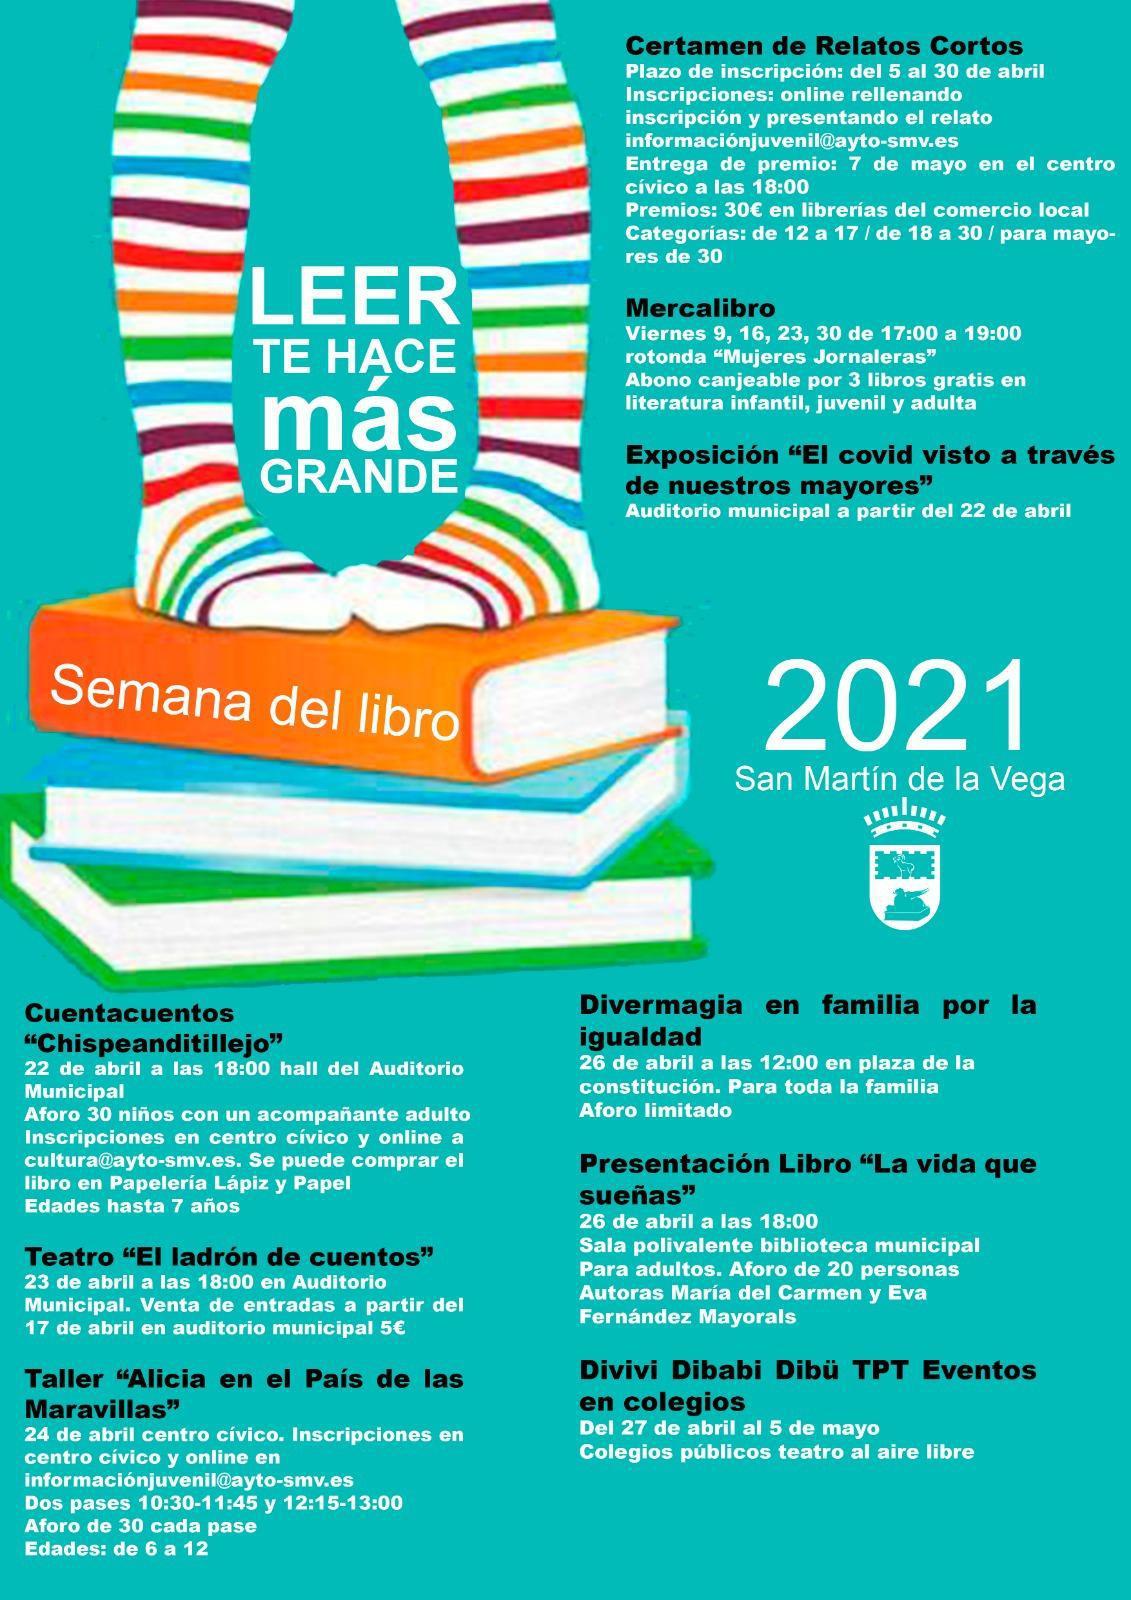 San Martin de la Vega presenta su programación especial para la Semana del Libro